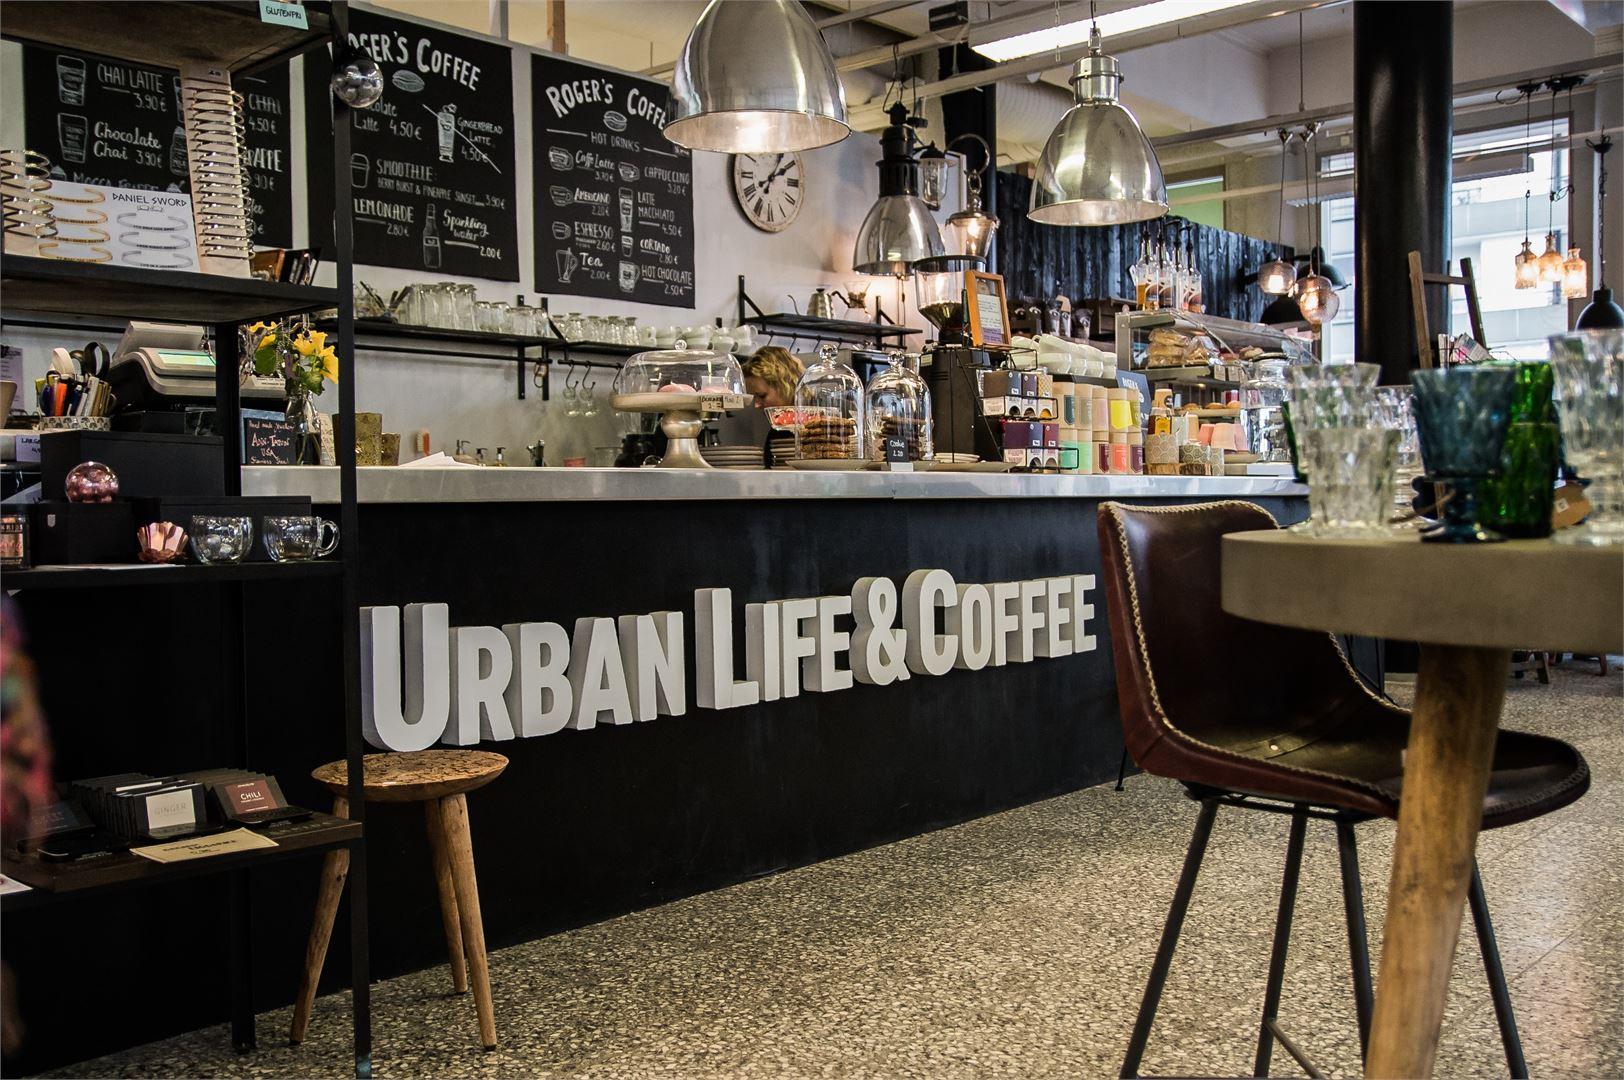 Urban Life & Coffee yhdistää kahvilan ja sisustusliikkeen.